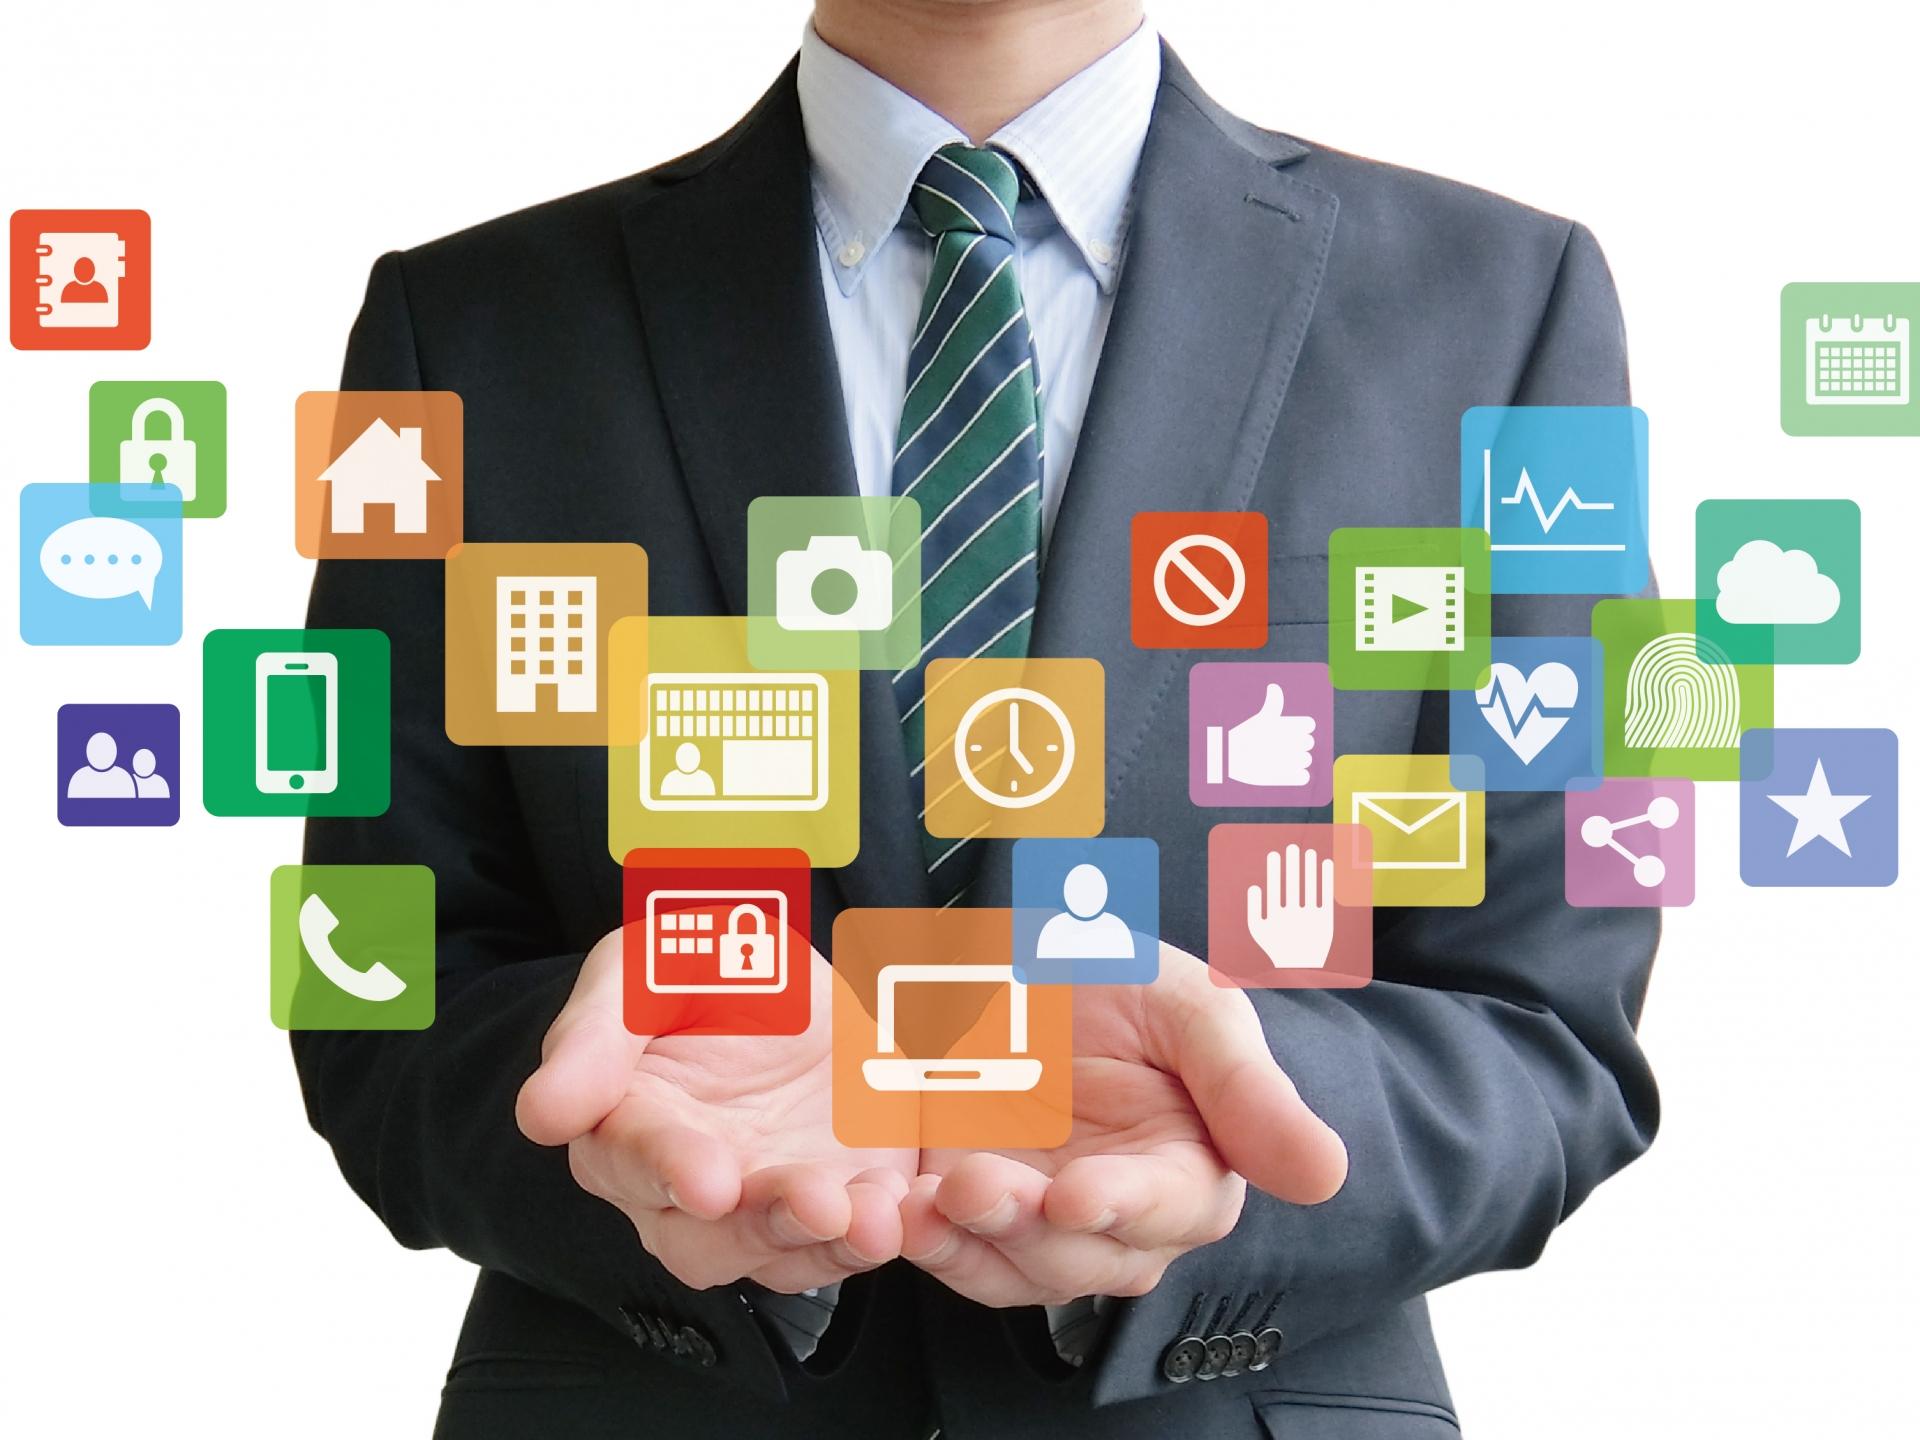 マーケティングオートメーション(MA)と連携すると効果が出やすいデータとは